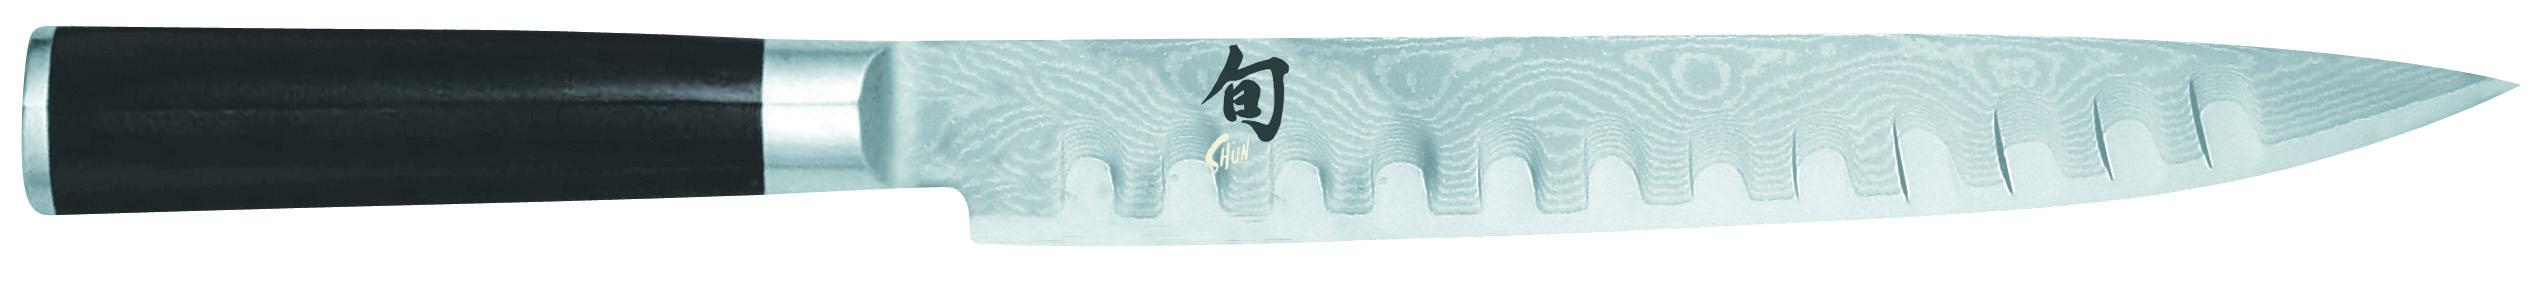 Damaškový nôž na plátkovanie s výbrusmi Shun DM-0720